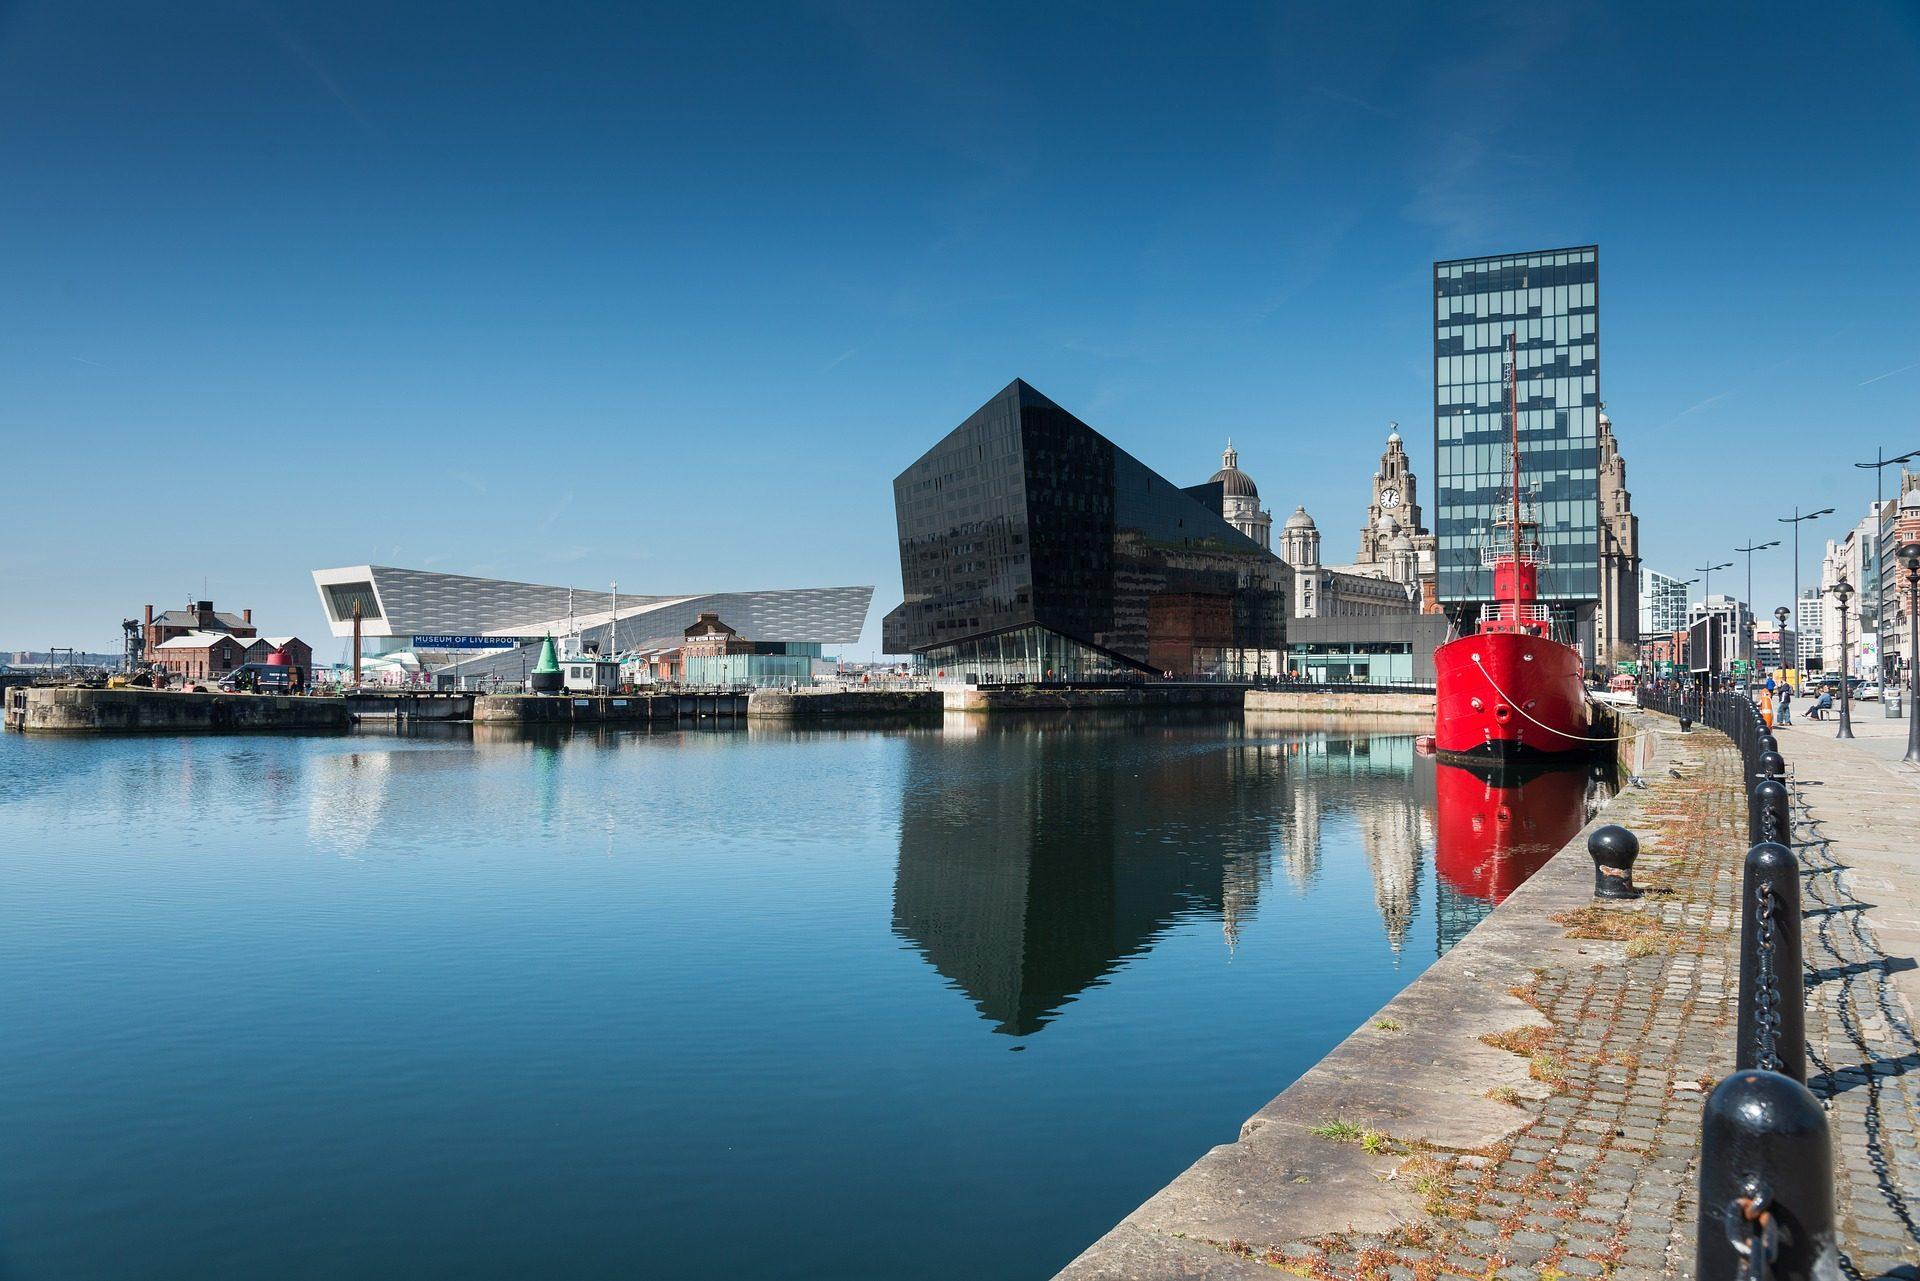 Città, edifici, porta, barca, acqua, architettura, Liverpool - Sfondi HD - Professor-falken.com